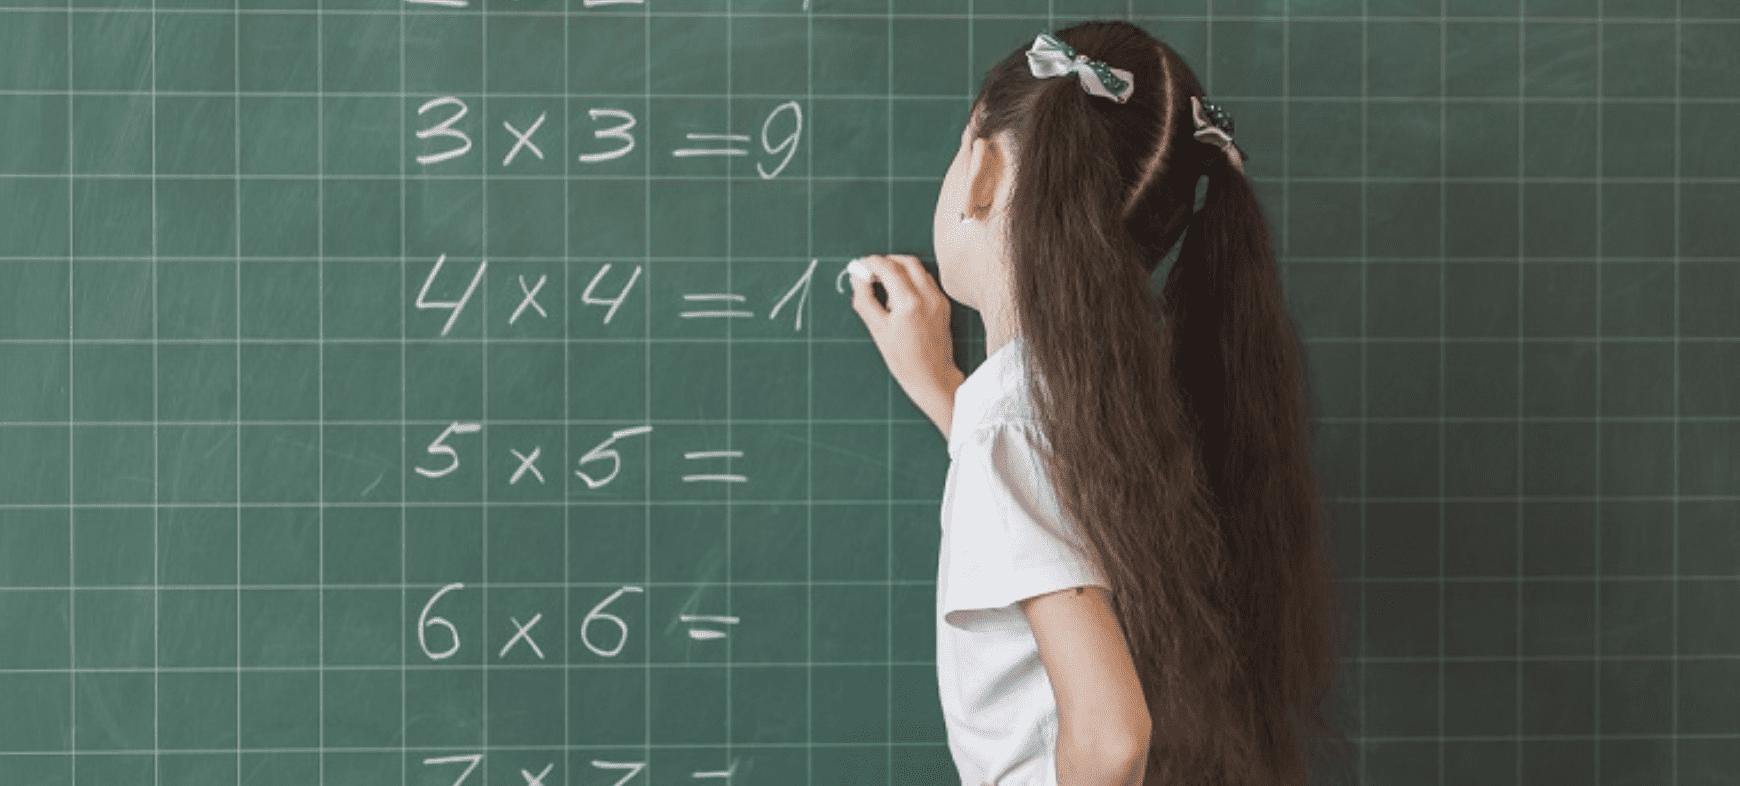 Resolver problemas matemáticos